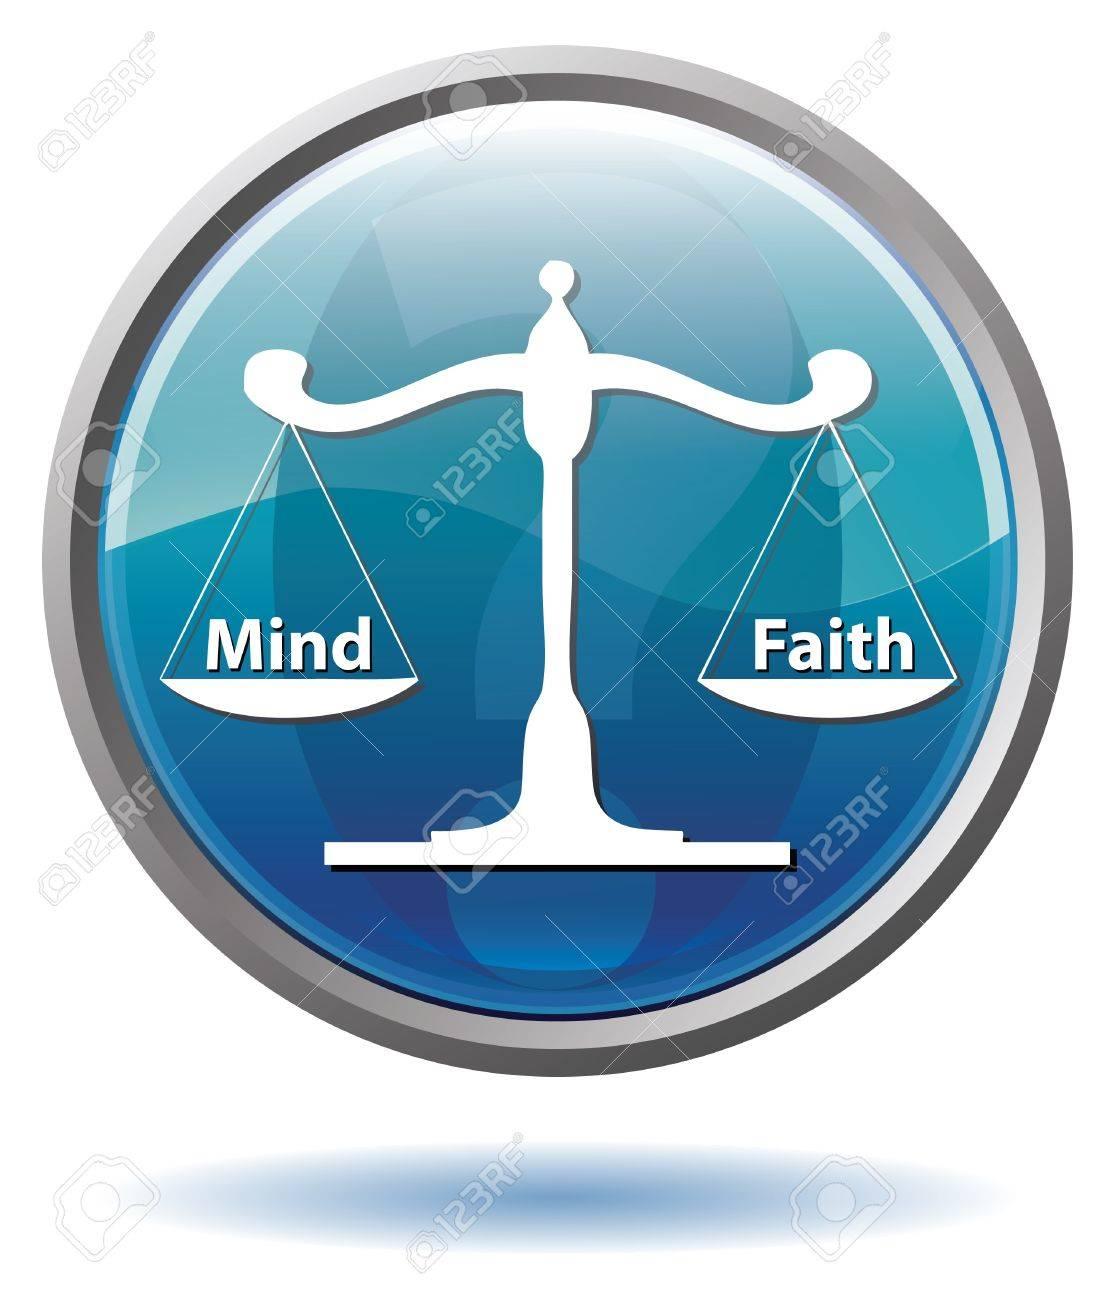 Mind or Faith button Stock Photo - 10127819